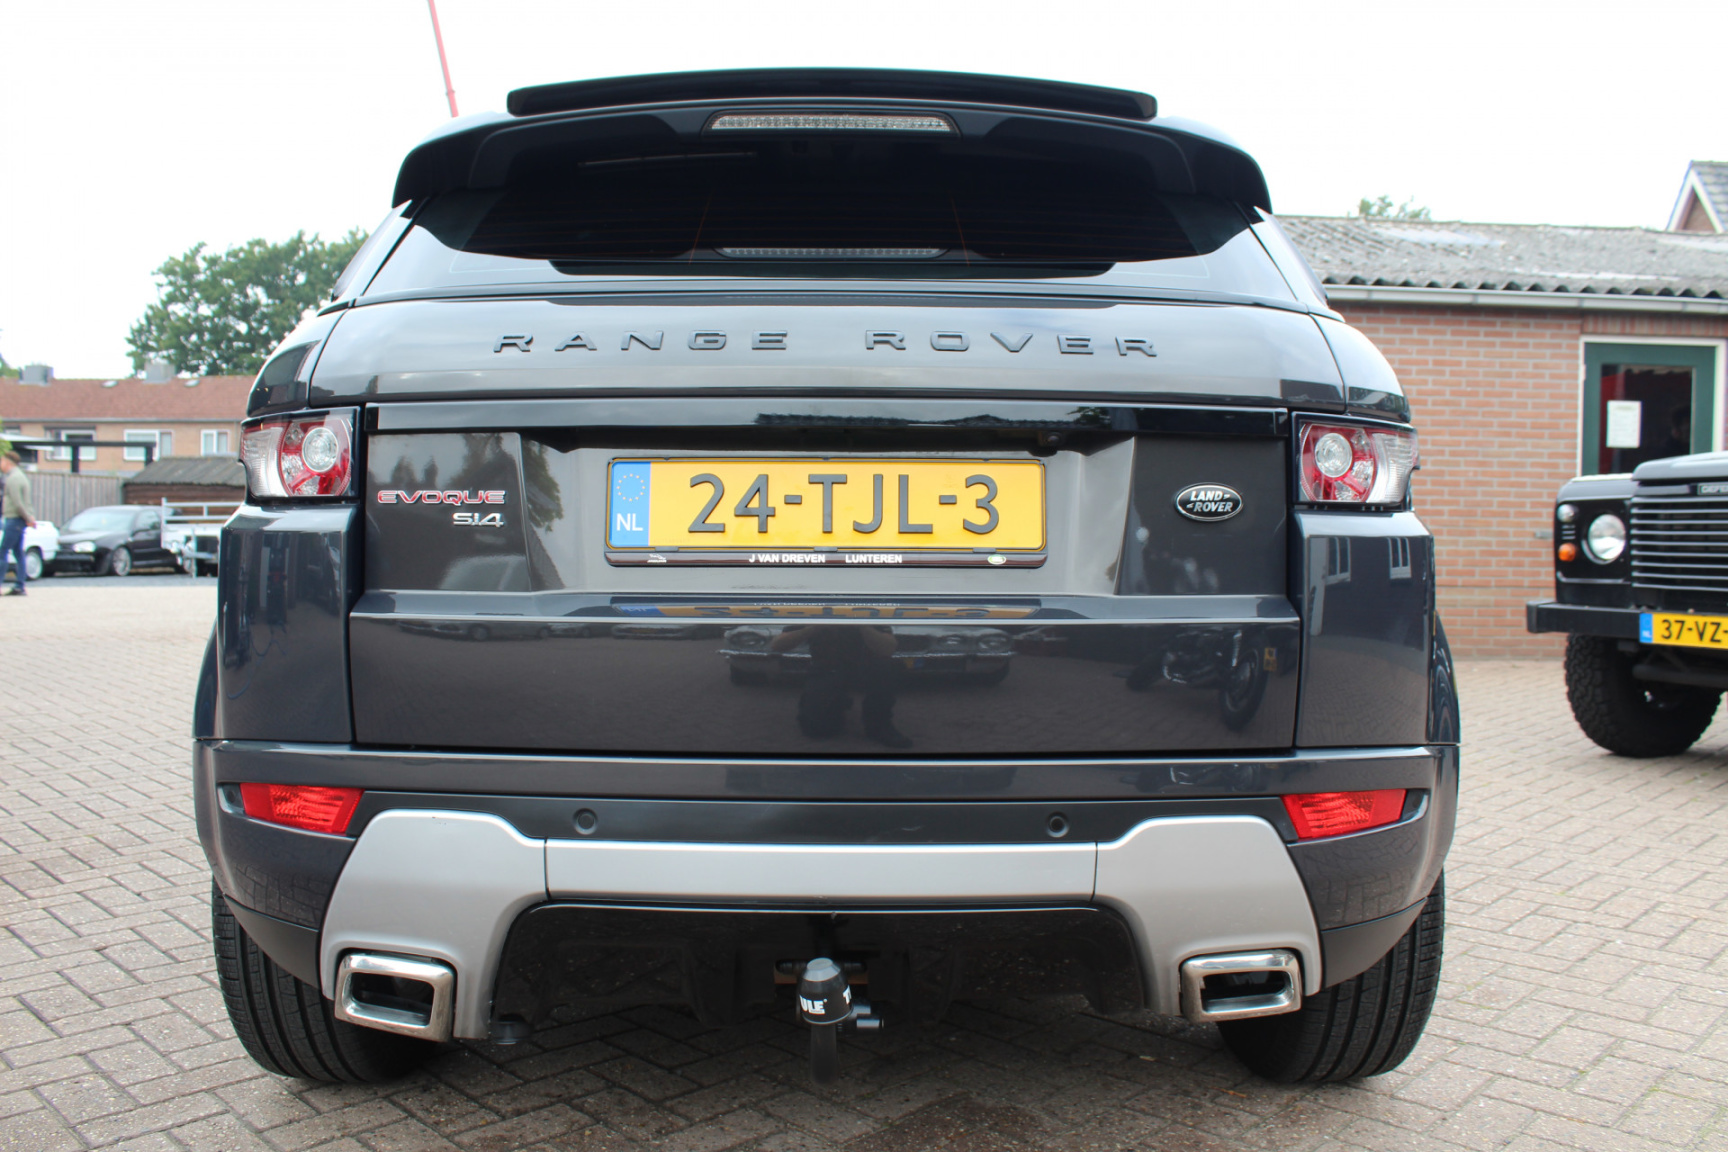 Land Rover-Range Rover Evoque-23